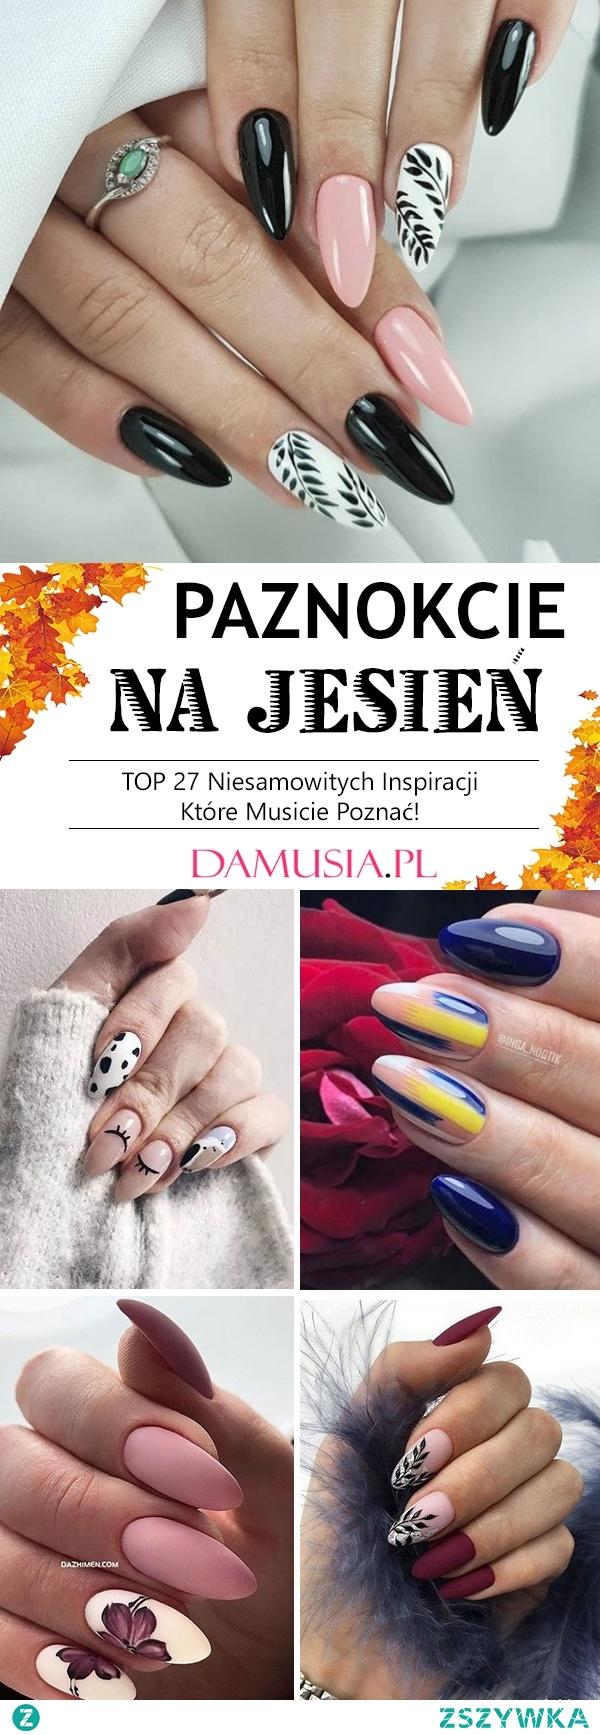 Modne Paznokcie na Jesień – TOP 27 Niesamowitych Inspiracji Które Musicie Poznać!